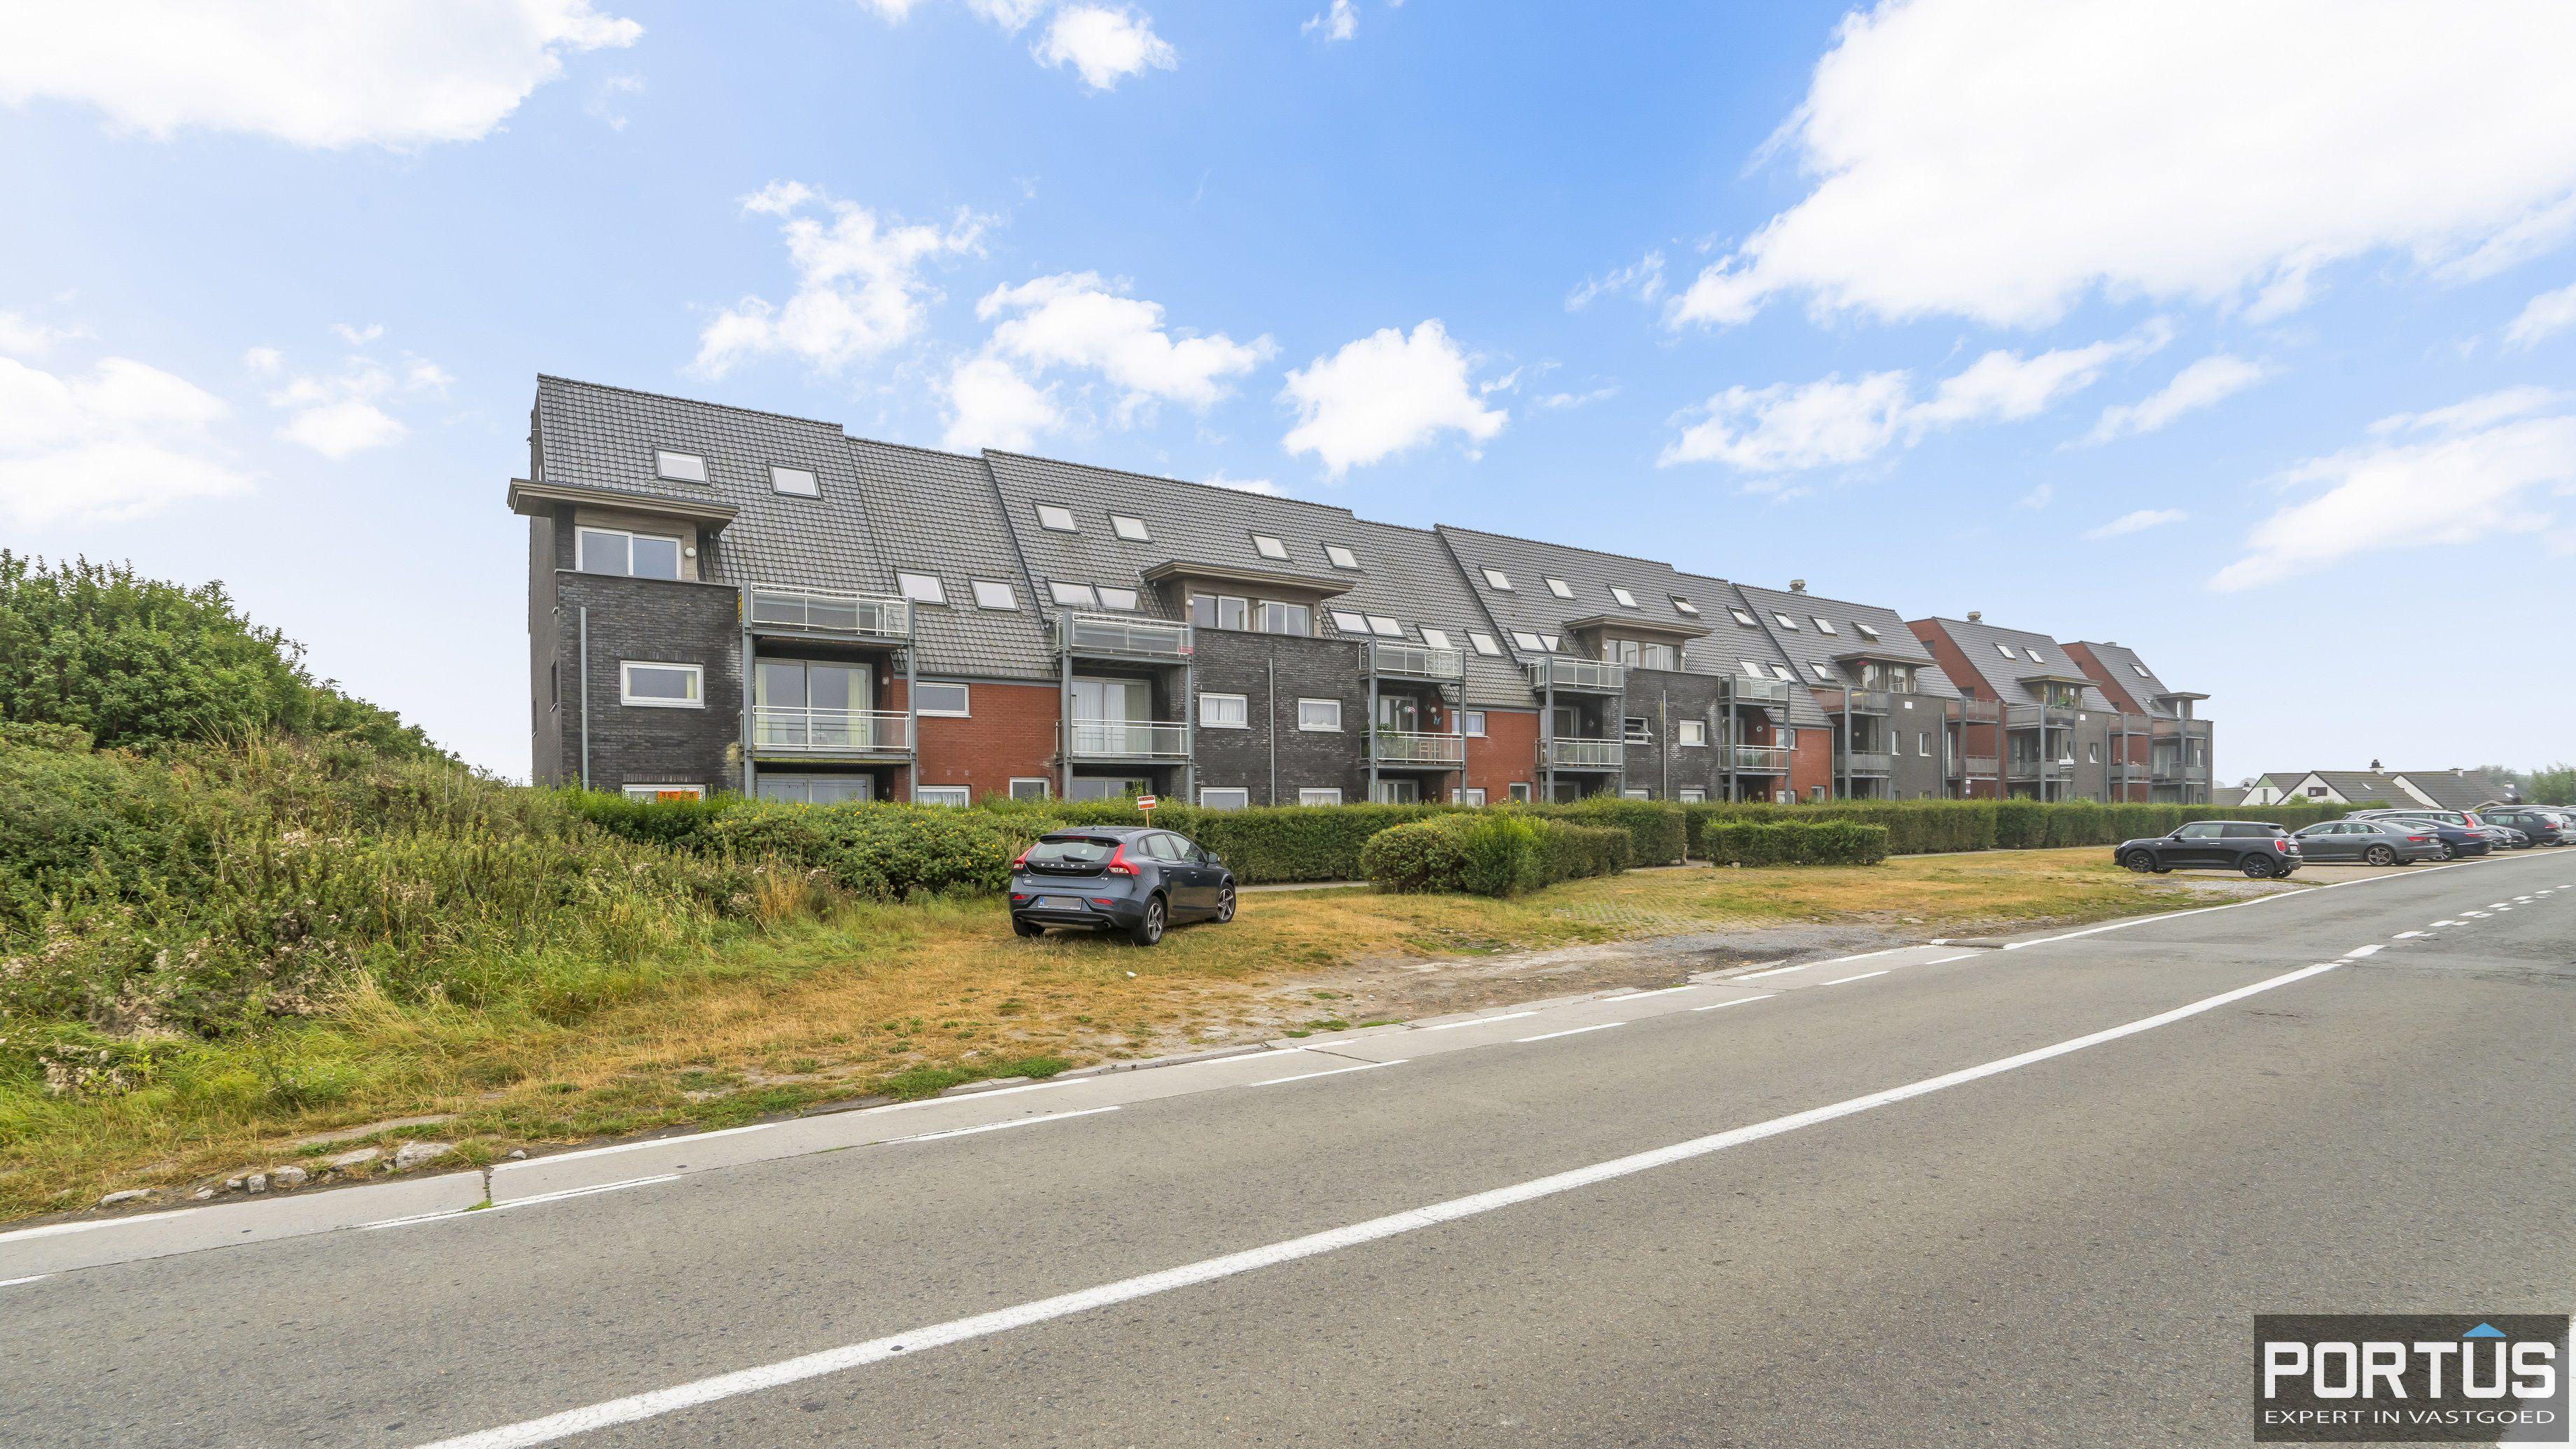 Instapklaar zongericht appartement met 1 slaapkamer te koop te Nieuwpoort - 11461